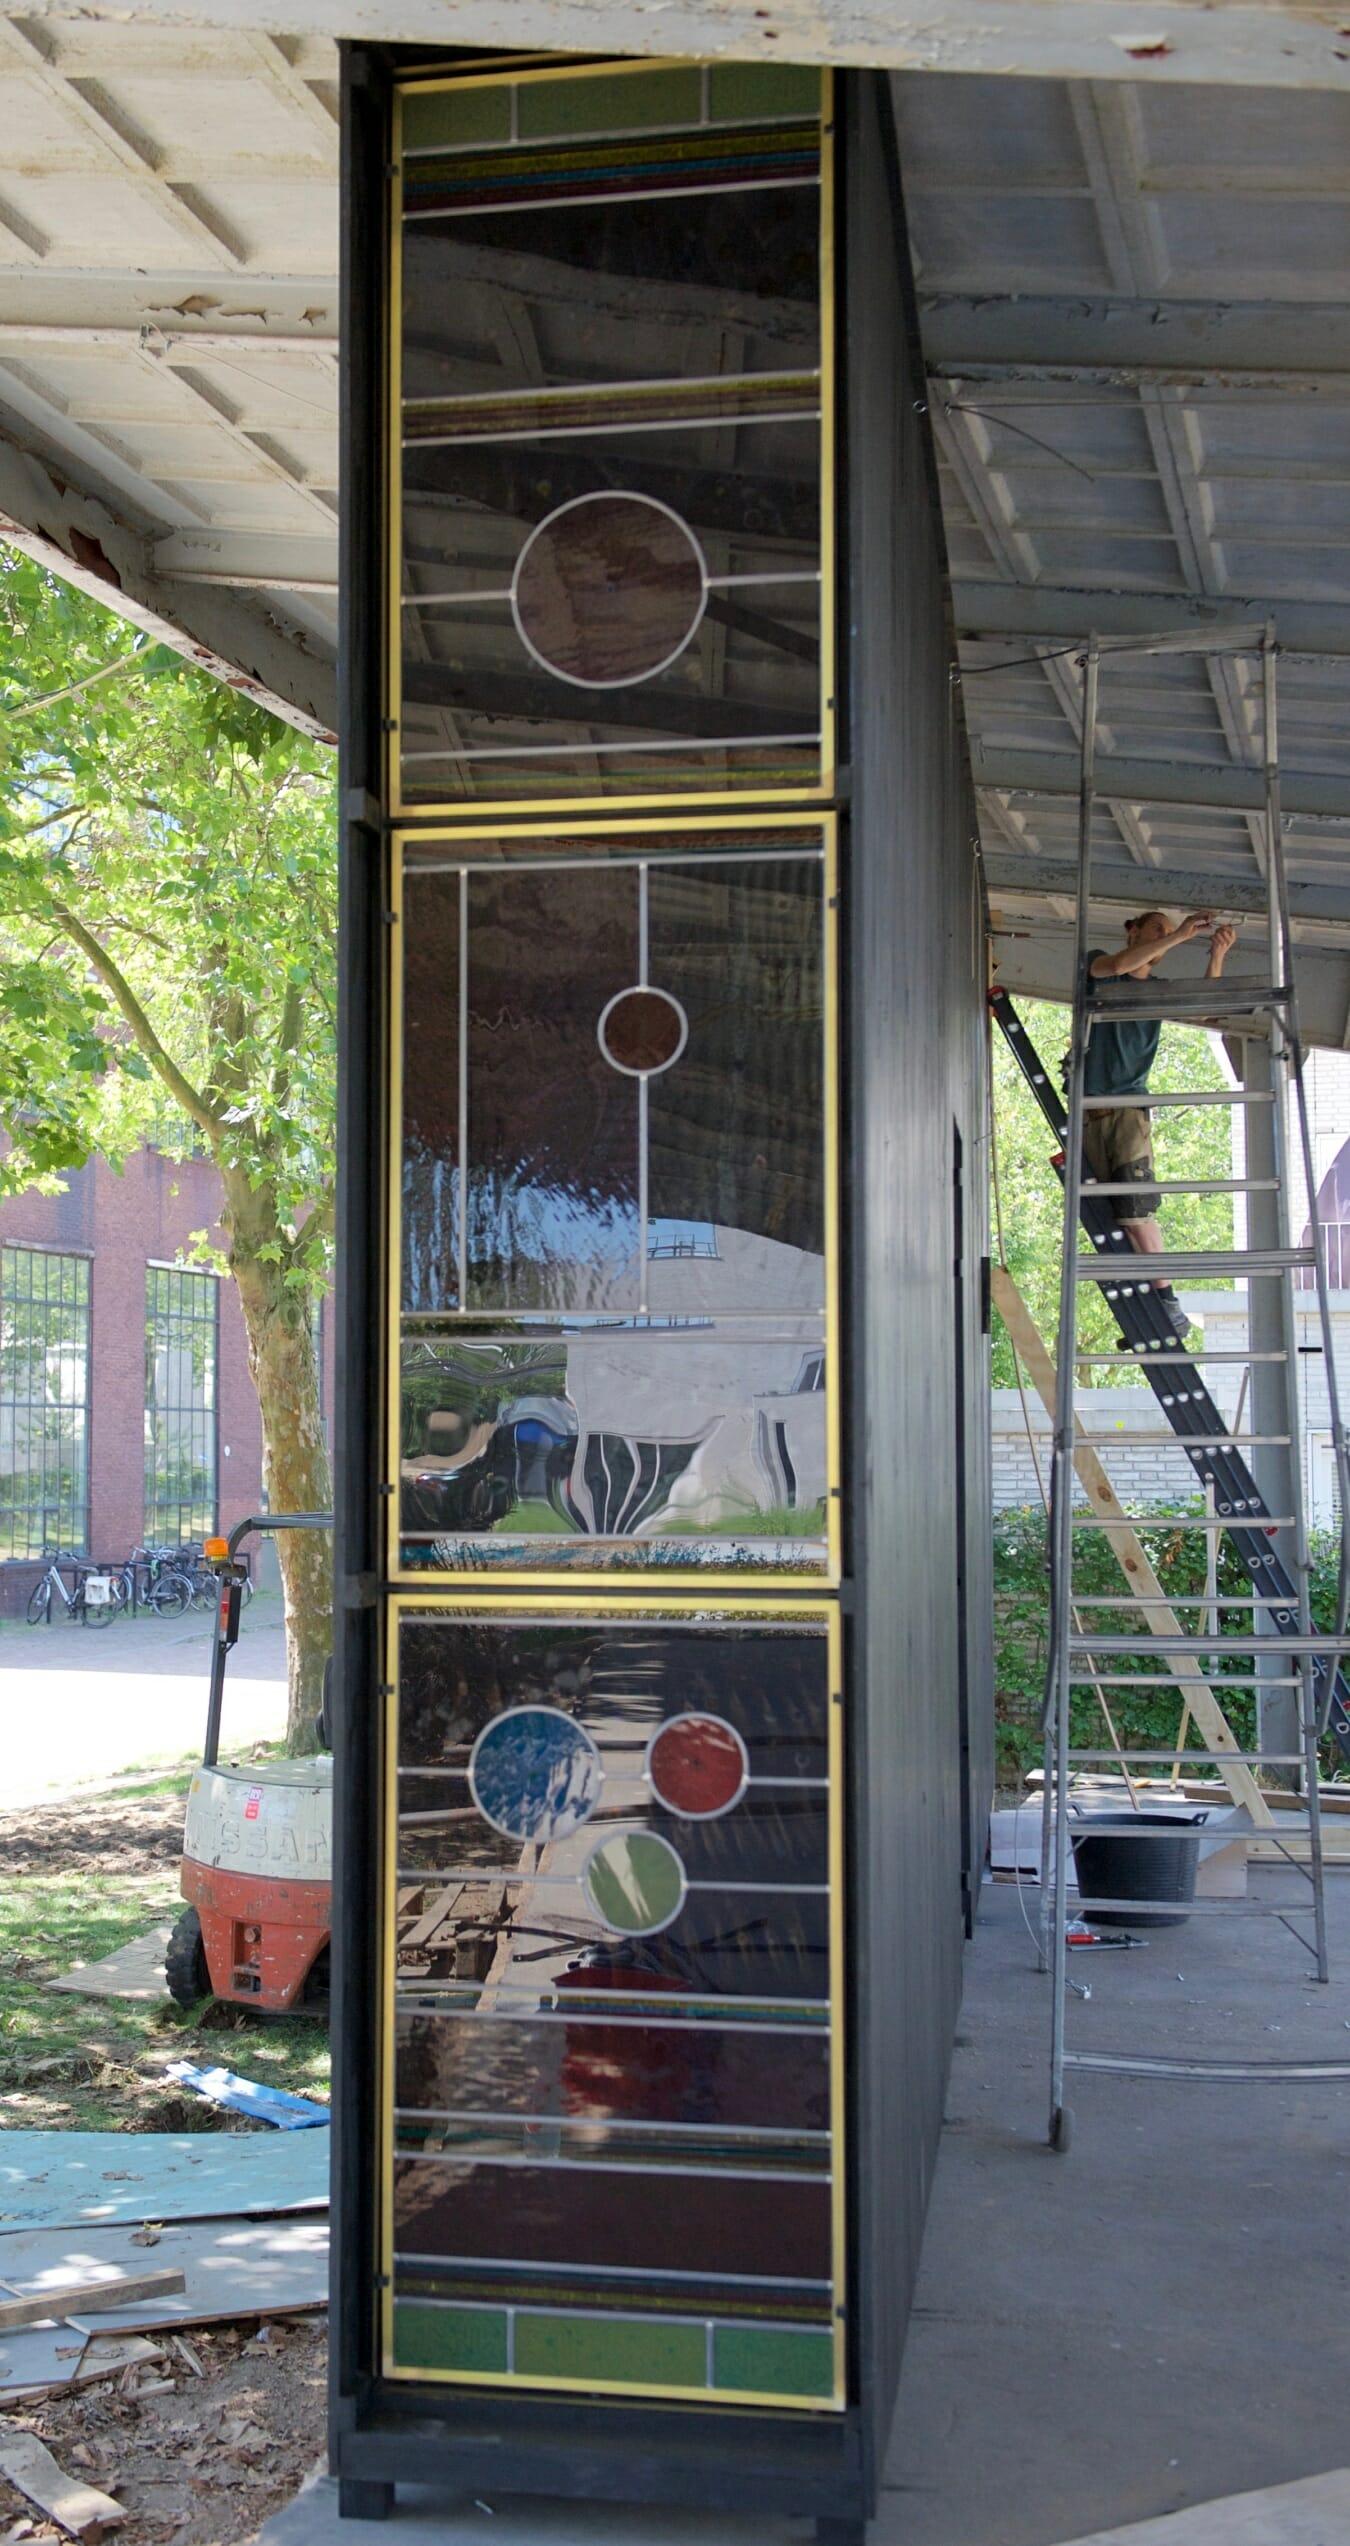 Exterieur Stilte corridor, i.s.m. Piet Hein Eek Eindhoven, 2017